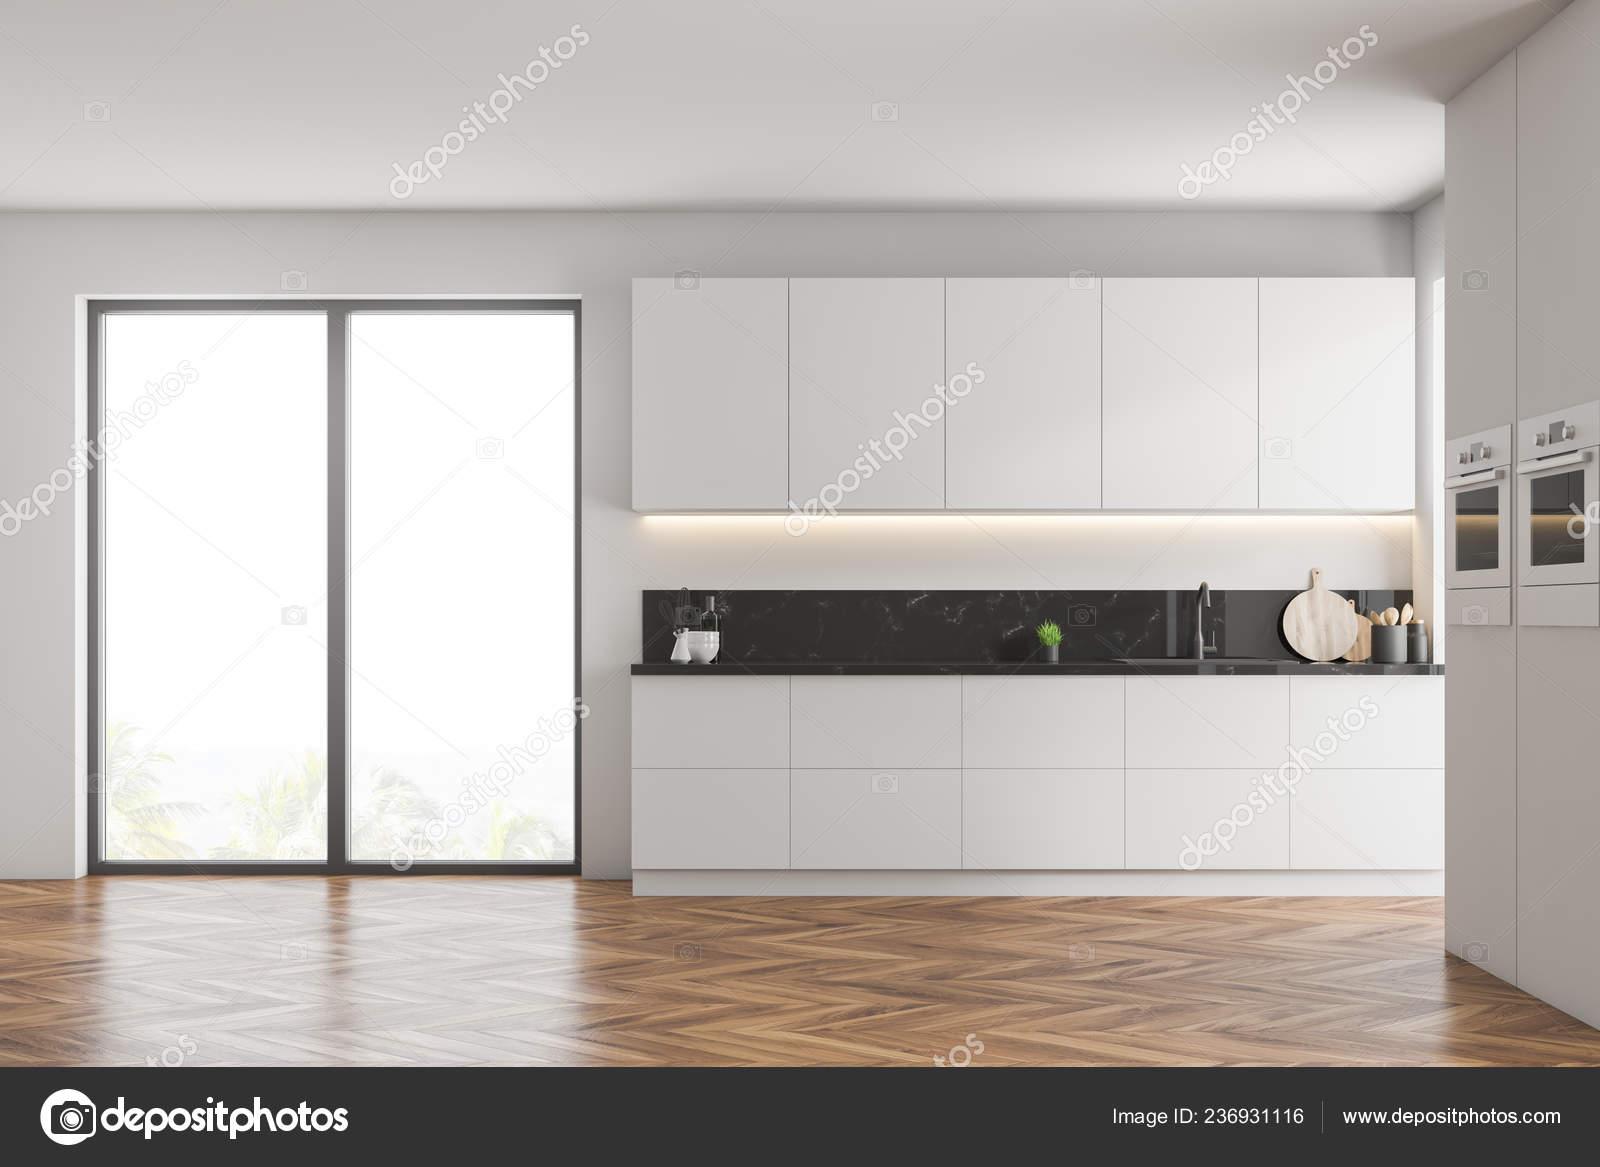 Interior Modern Kitchen White Walls Wooden Floor White Cupboards